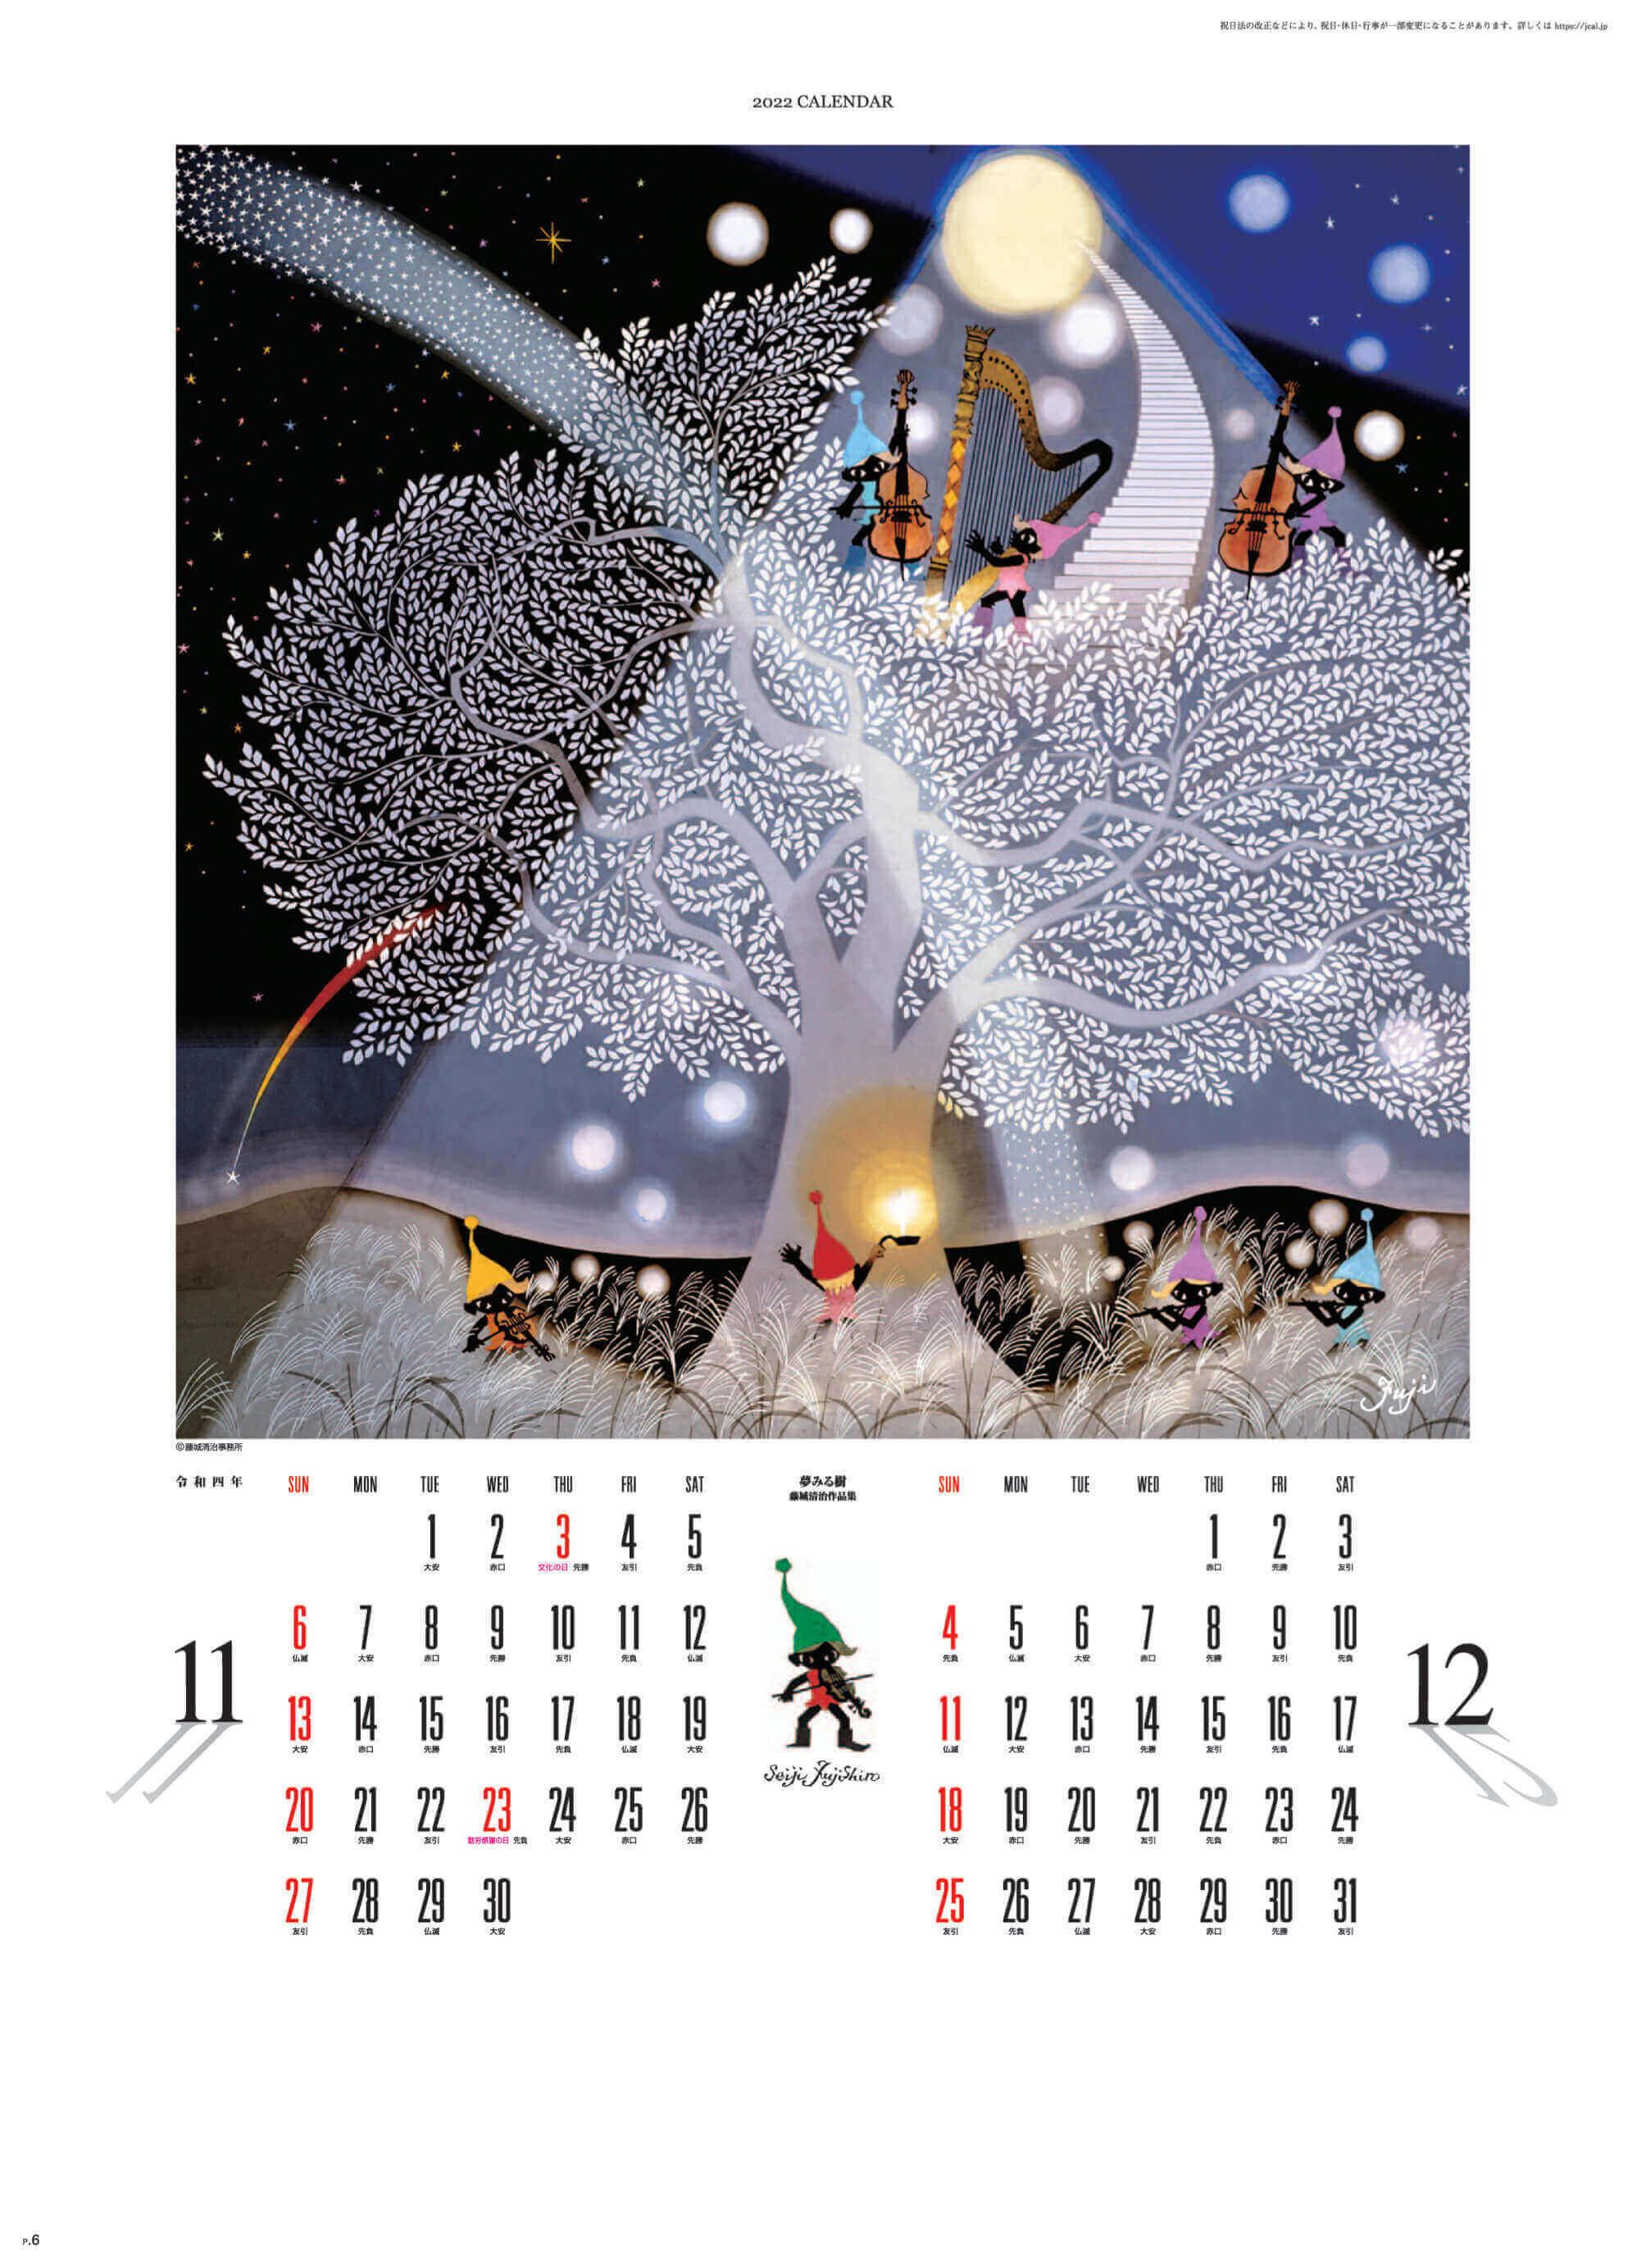 11-12月 夢みる樹 遠い日の風景から(影絵) 藤城清治 2022年カレンダーの画像